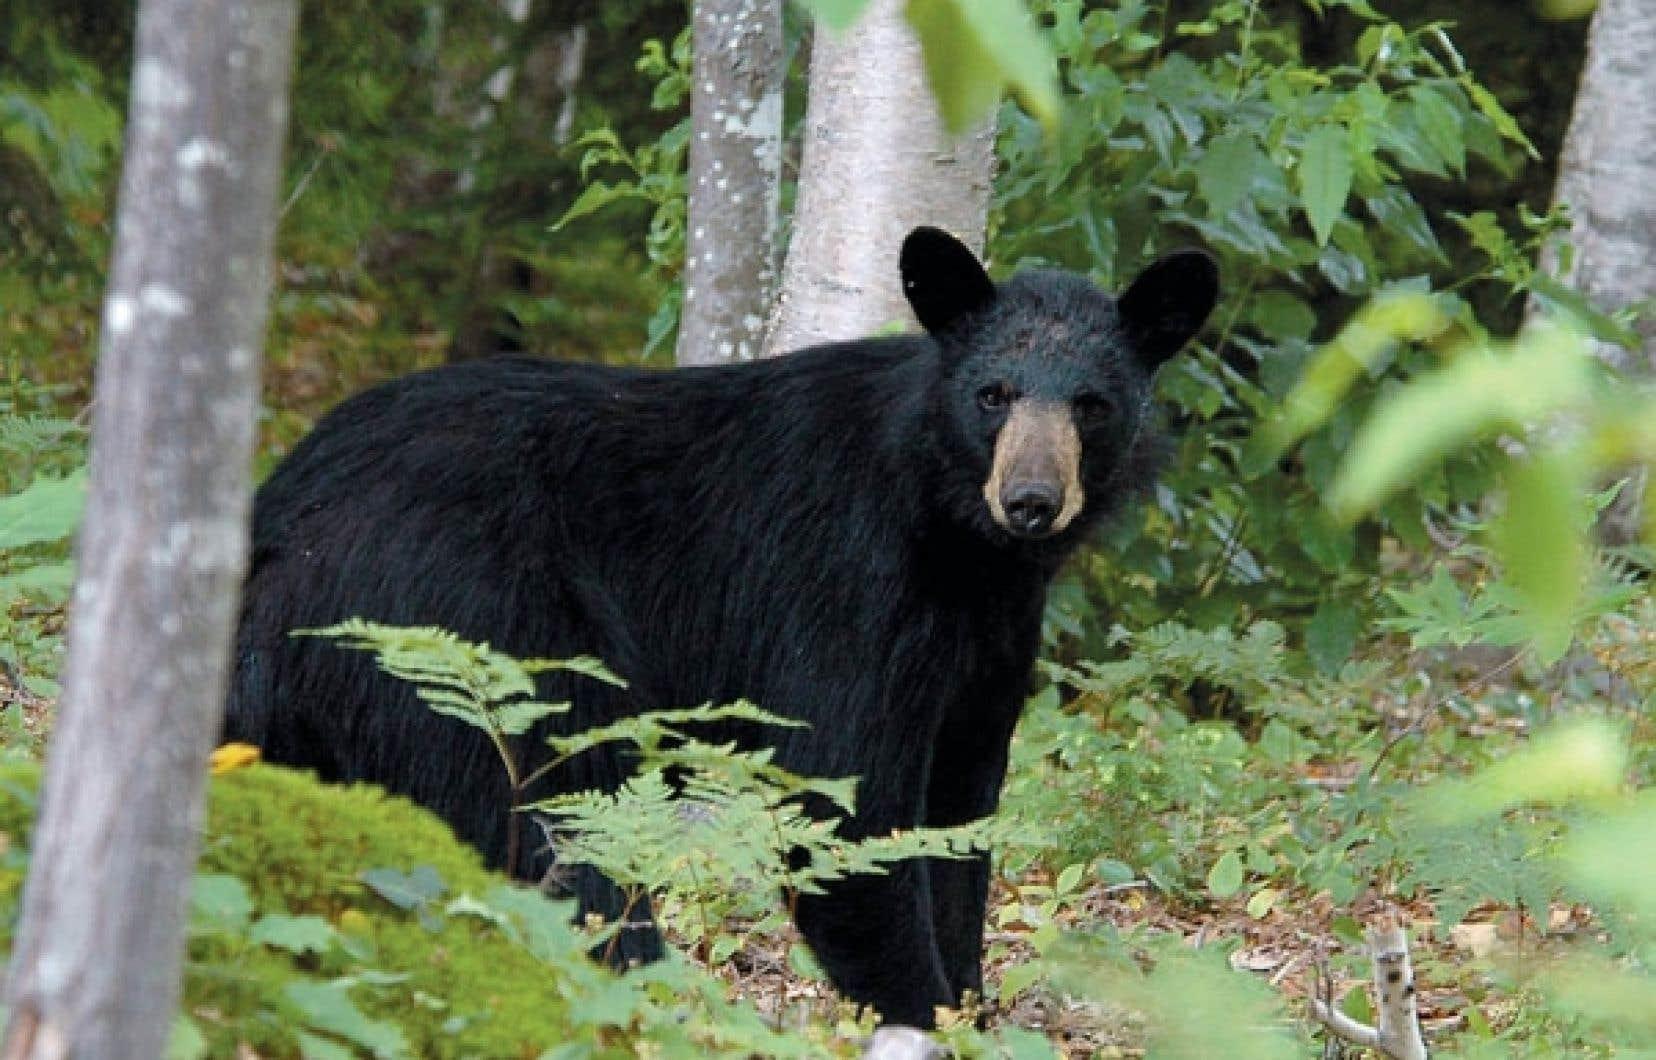 La récolte totale d'ours noirs se maintient, car les Québécois ont occupé le terrain laissé vacant par les non-résidants. Ainsi, la récolte est passée entre 2007 et l'automne dernier de 4729 à 4441, puis à 5046 et à 4825 ours noirs, un indice de la stabilité, si l'on peut dire, de ce cheptel.